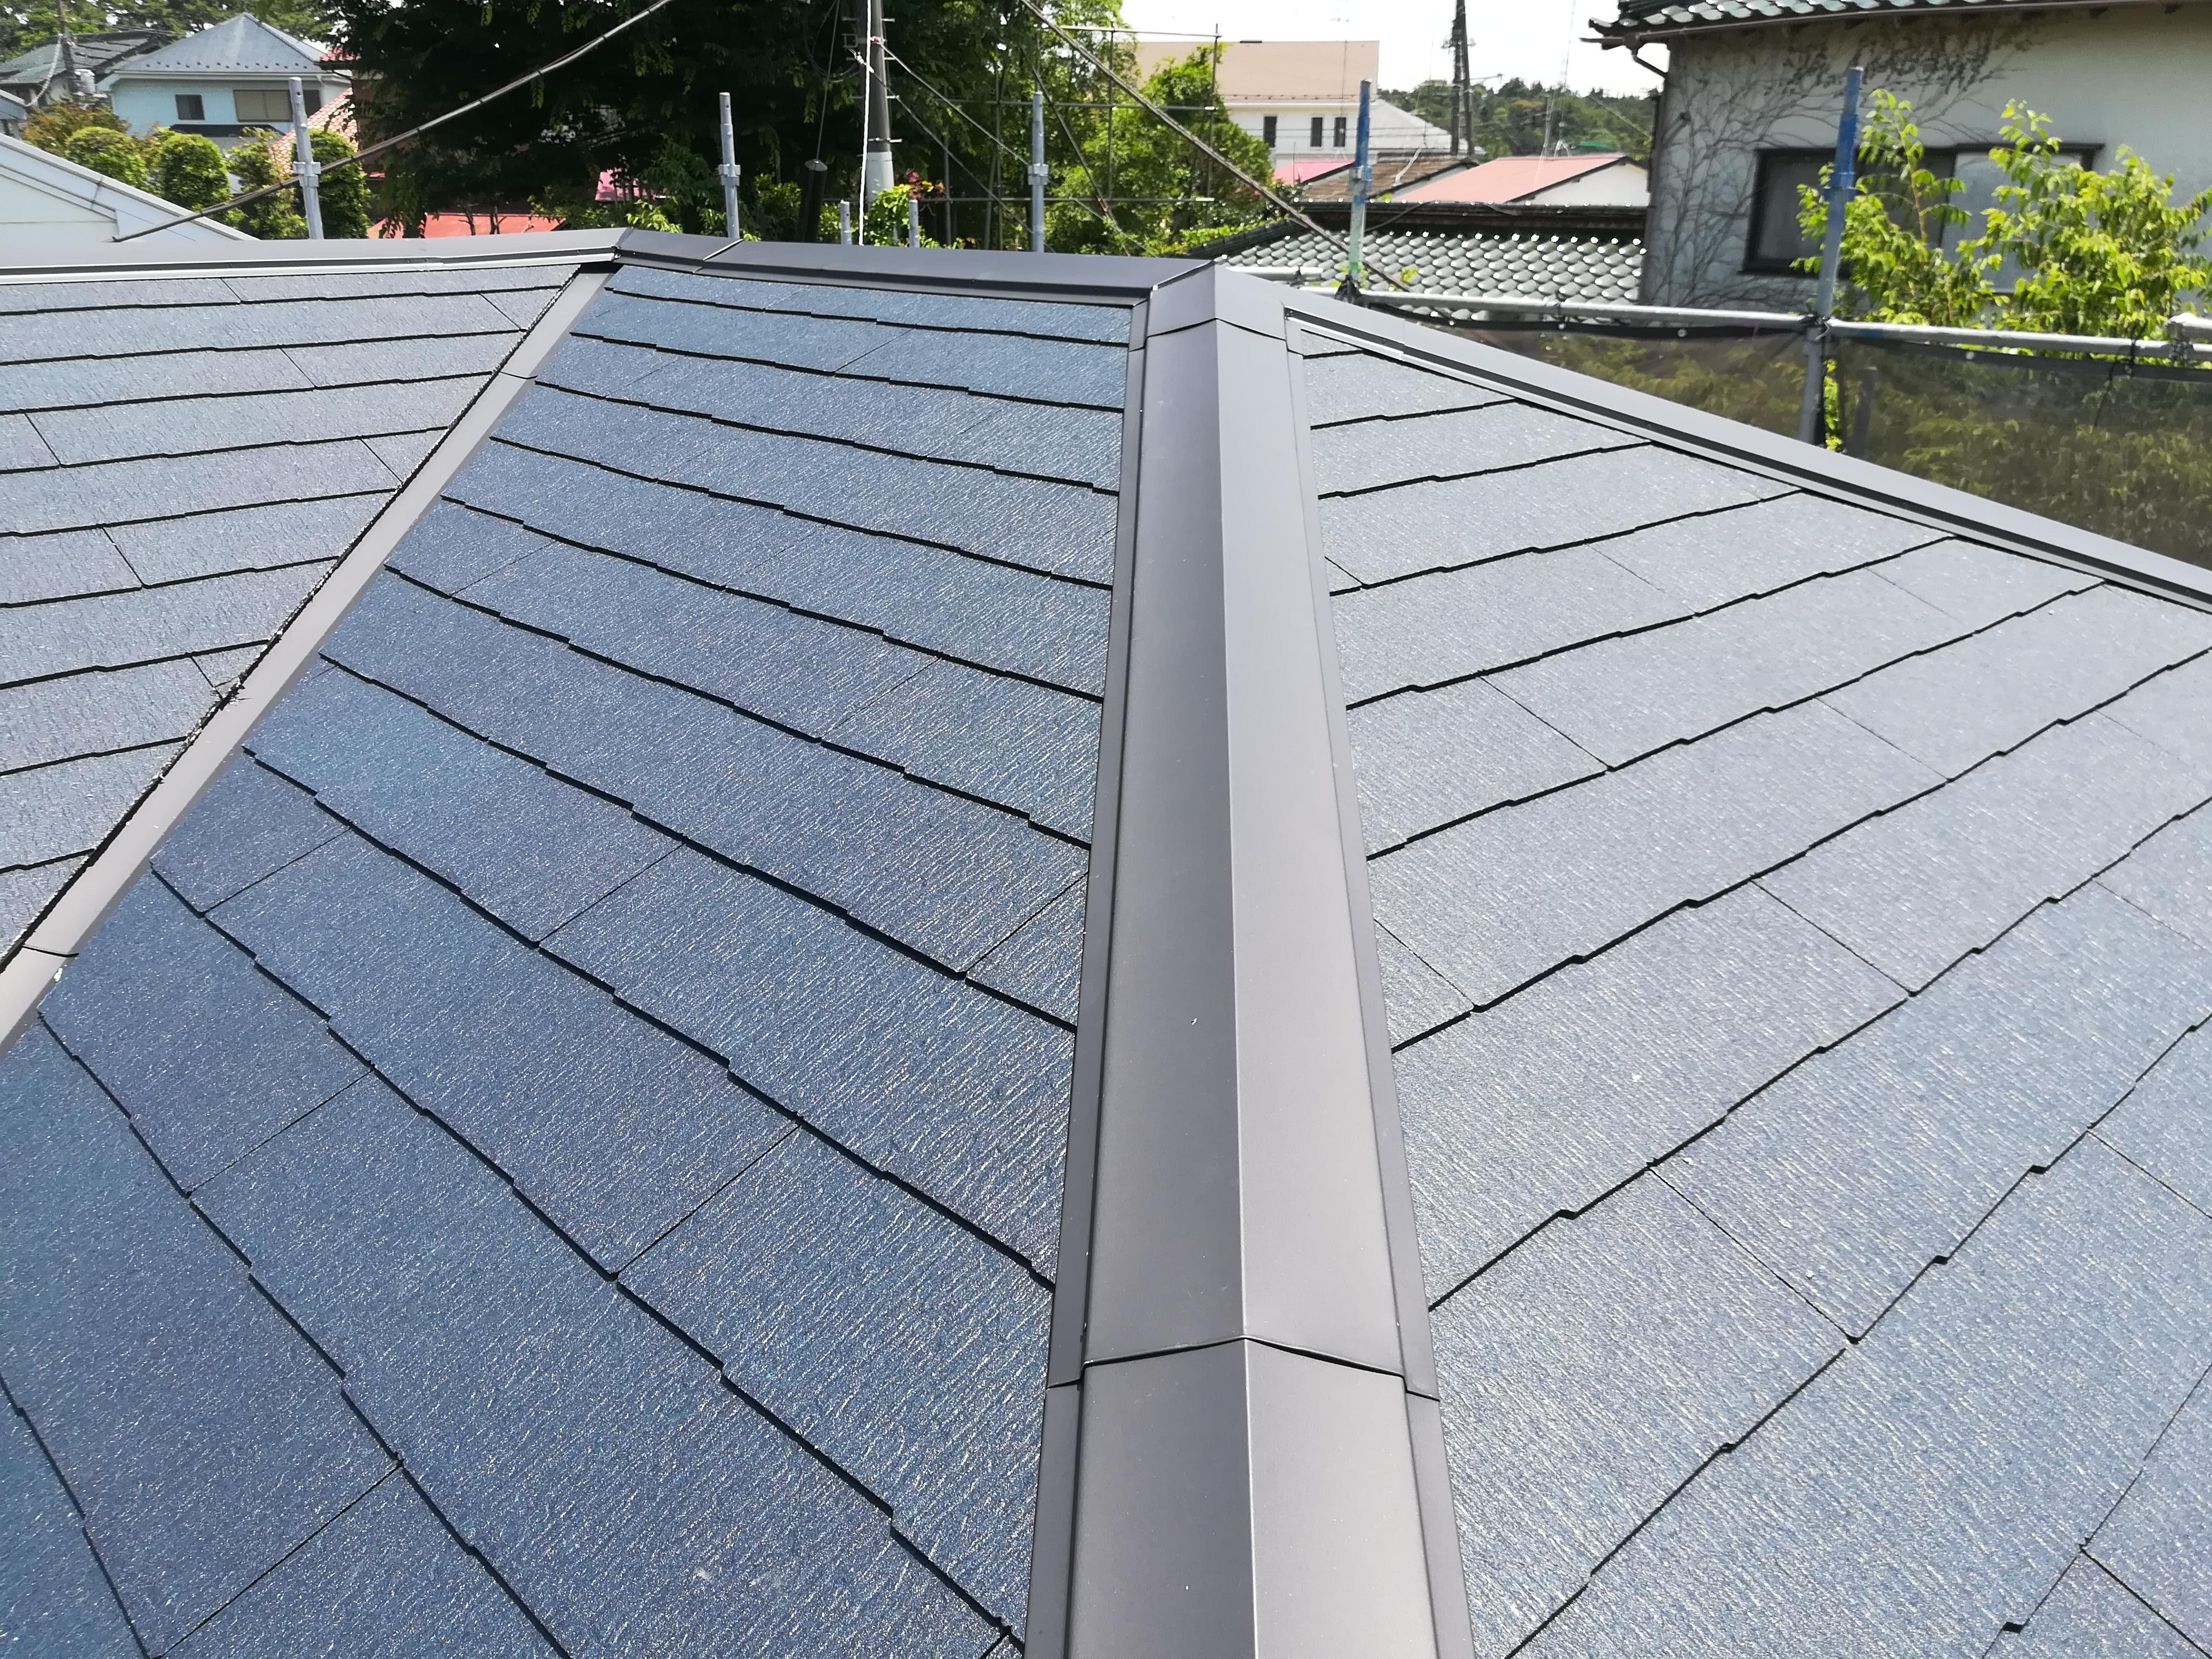 横浜市泉区にて築30年のお家の屋根をコロニアルクアッドで葺き替え、色はミッドナイトブルー